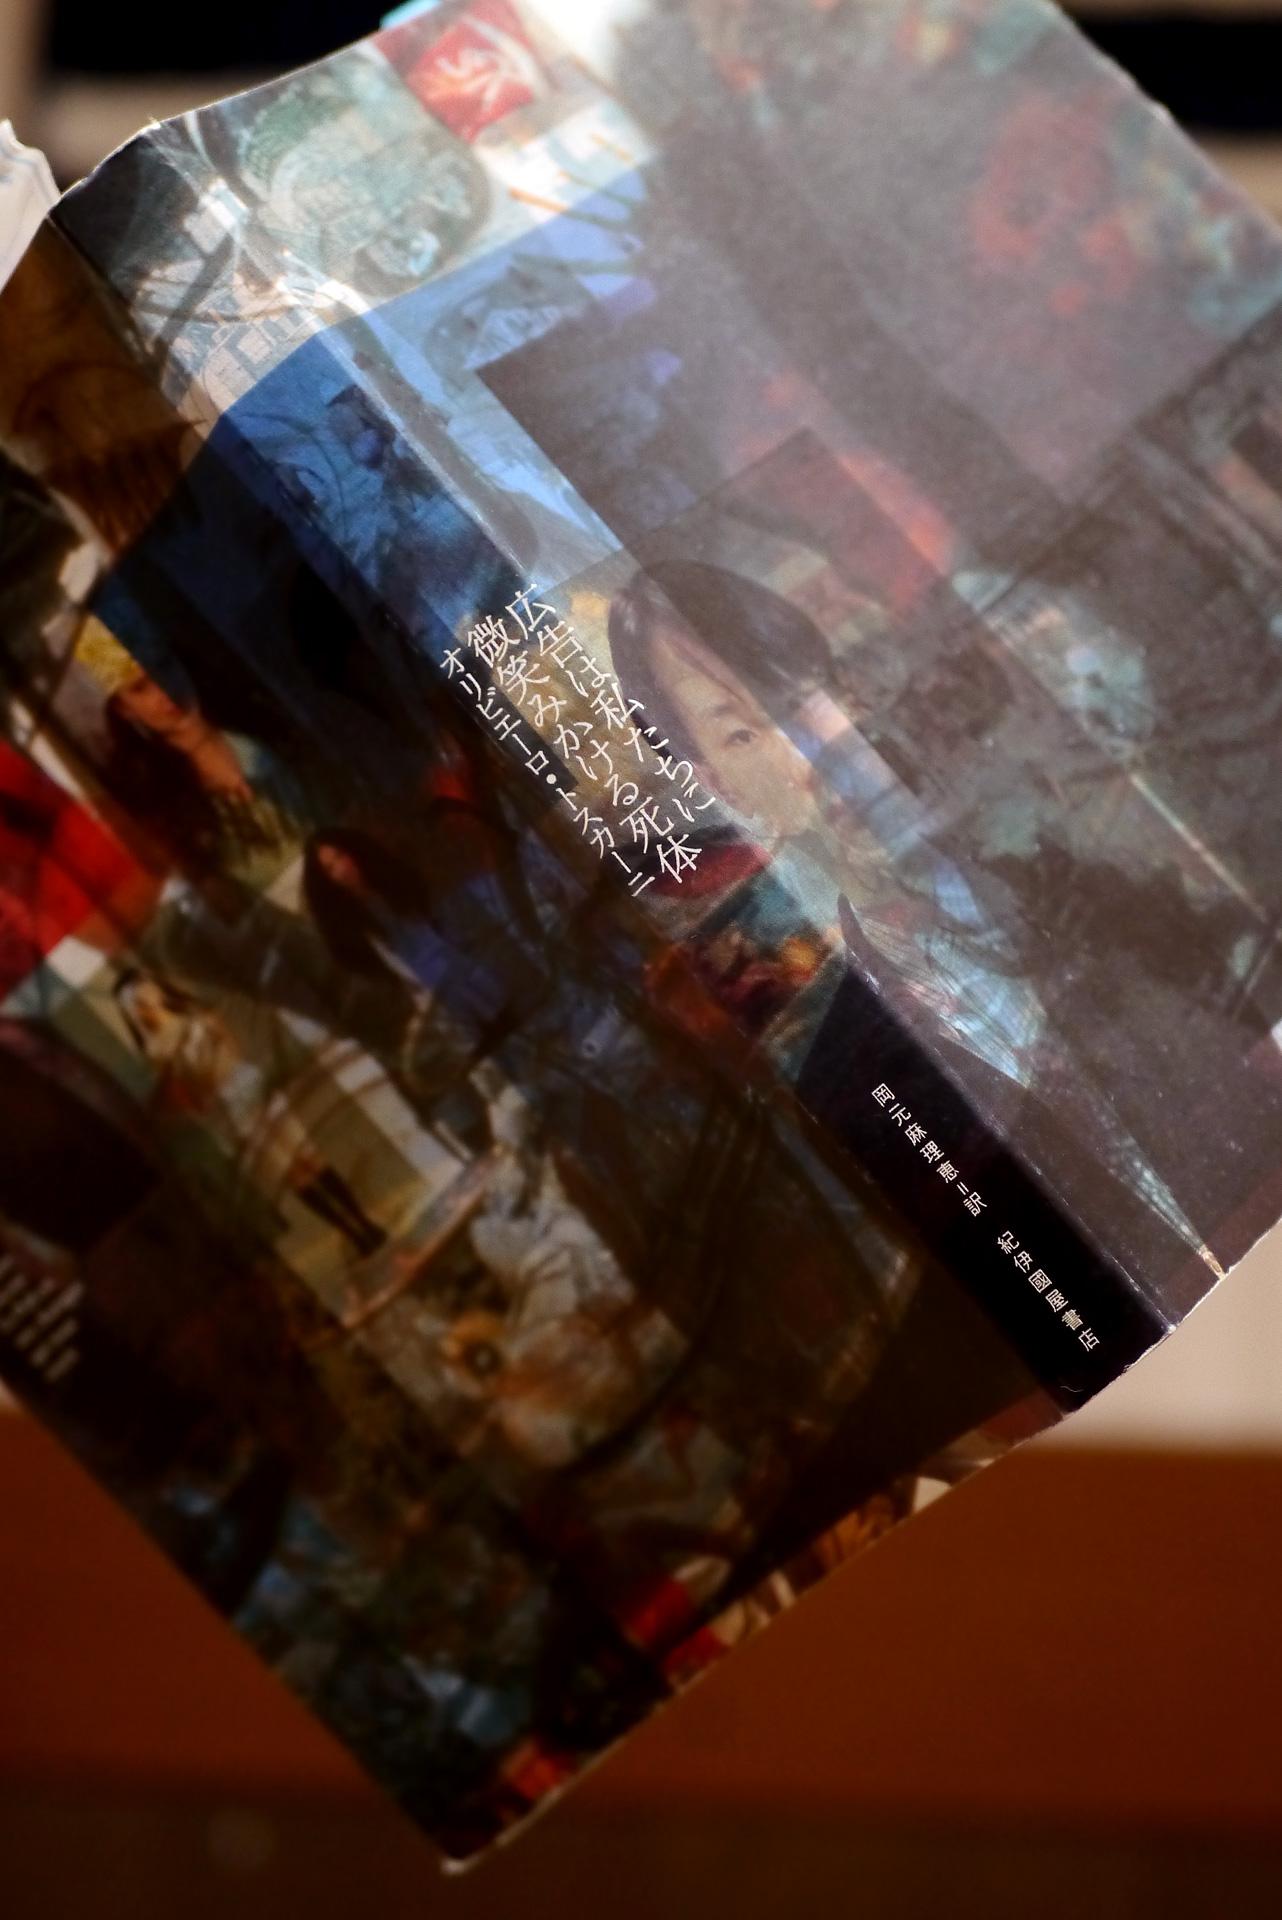 書籍広告は私たちに微笑みかける死体(オリビエーロ トスカーニ (著), Oliviero Toscani (原著), 岡元 麻理恵 (翻訳)/紀伊國屋書店)」の表紙画像